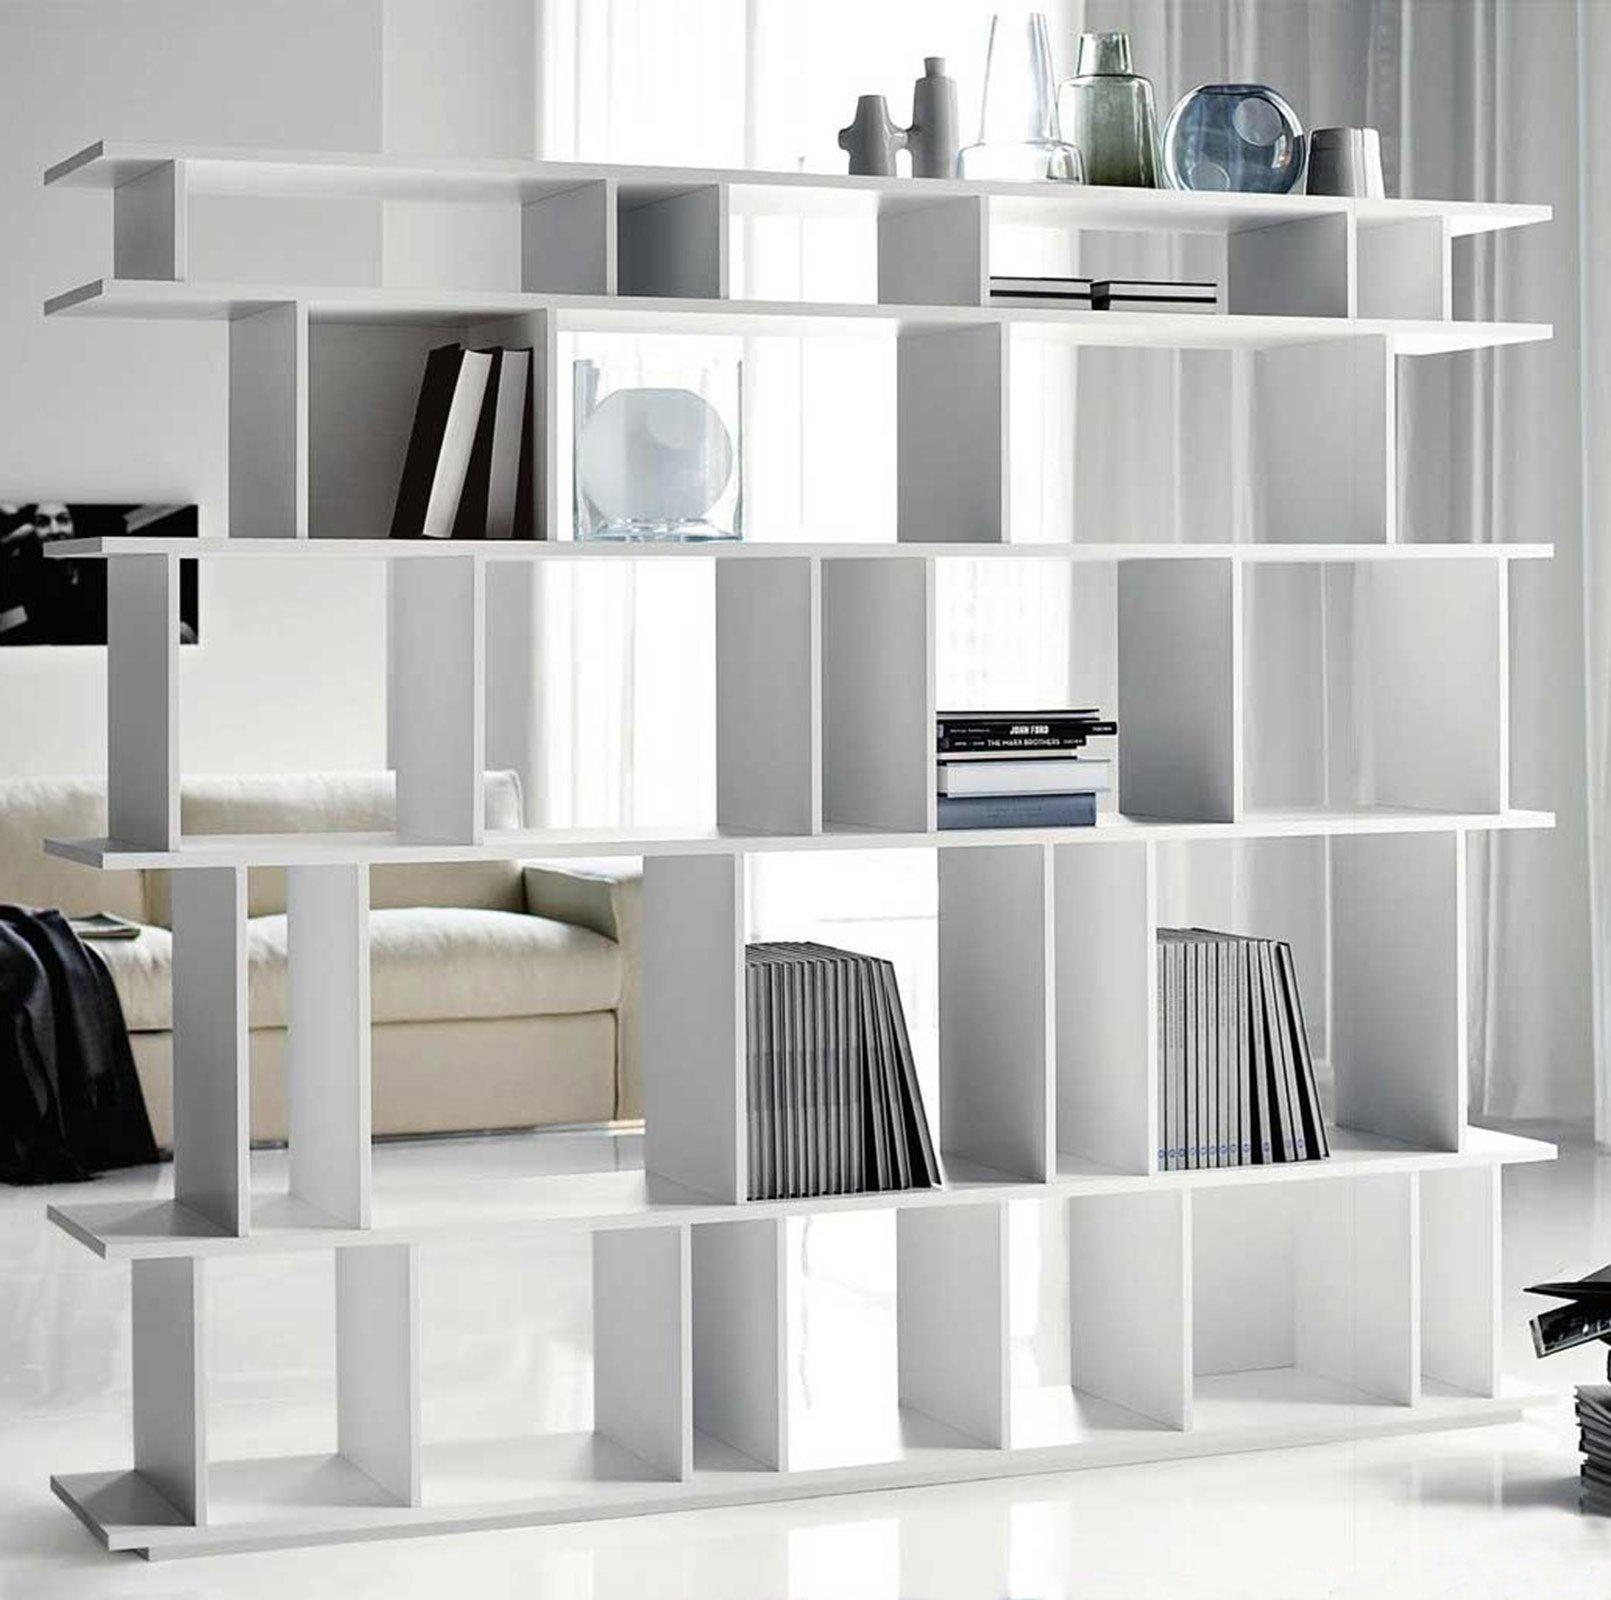 Librerie bifacciali per separare ambienti - Cose di Casa